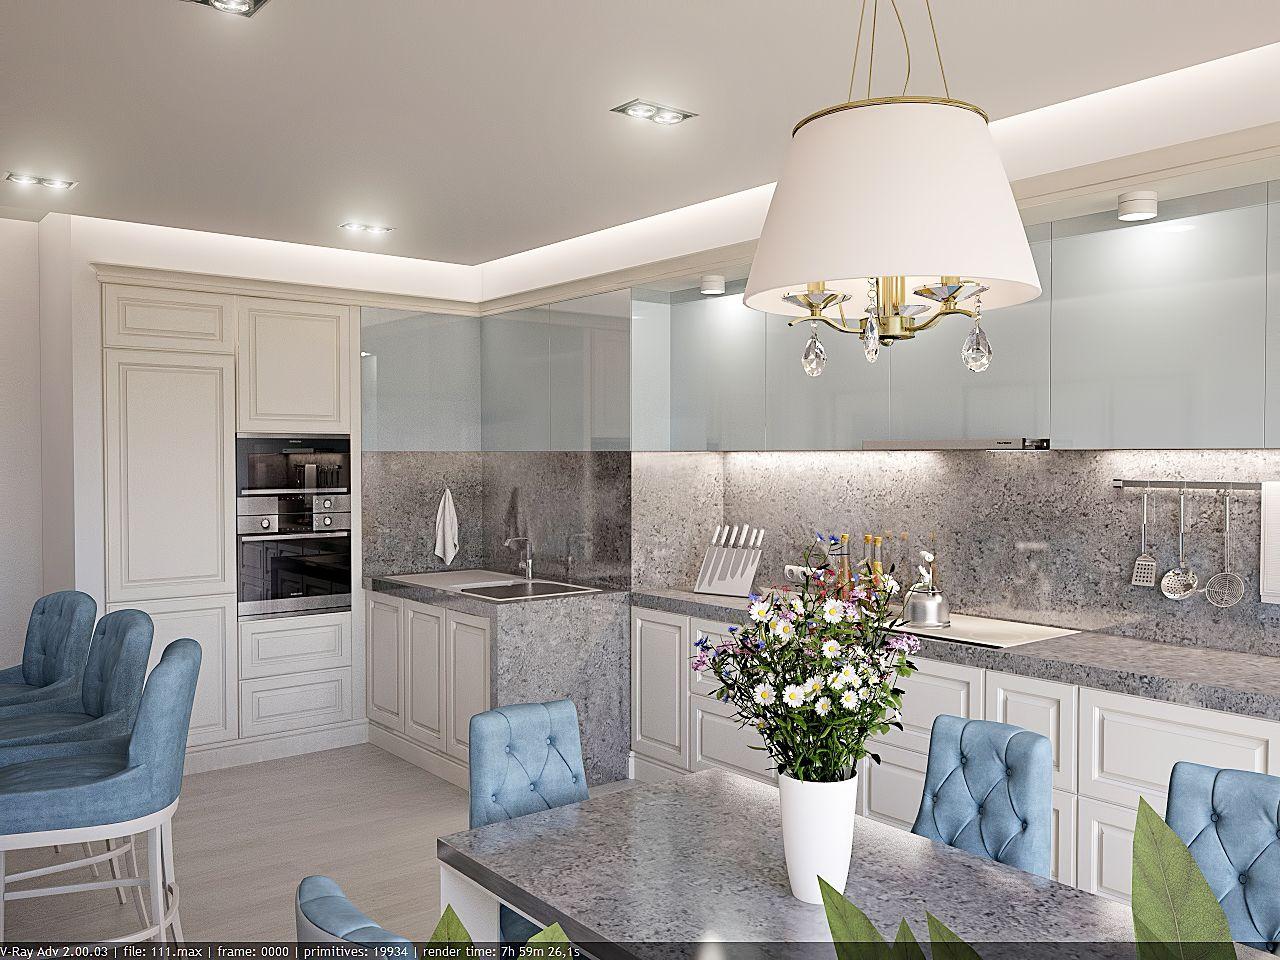 Дизайн кухни в квартире Киев стиль прованс, легкая класика, стулья стол